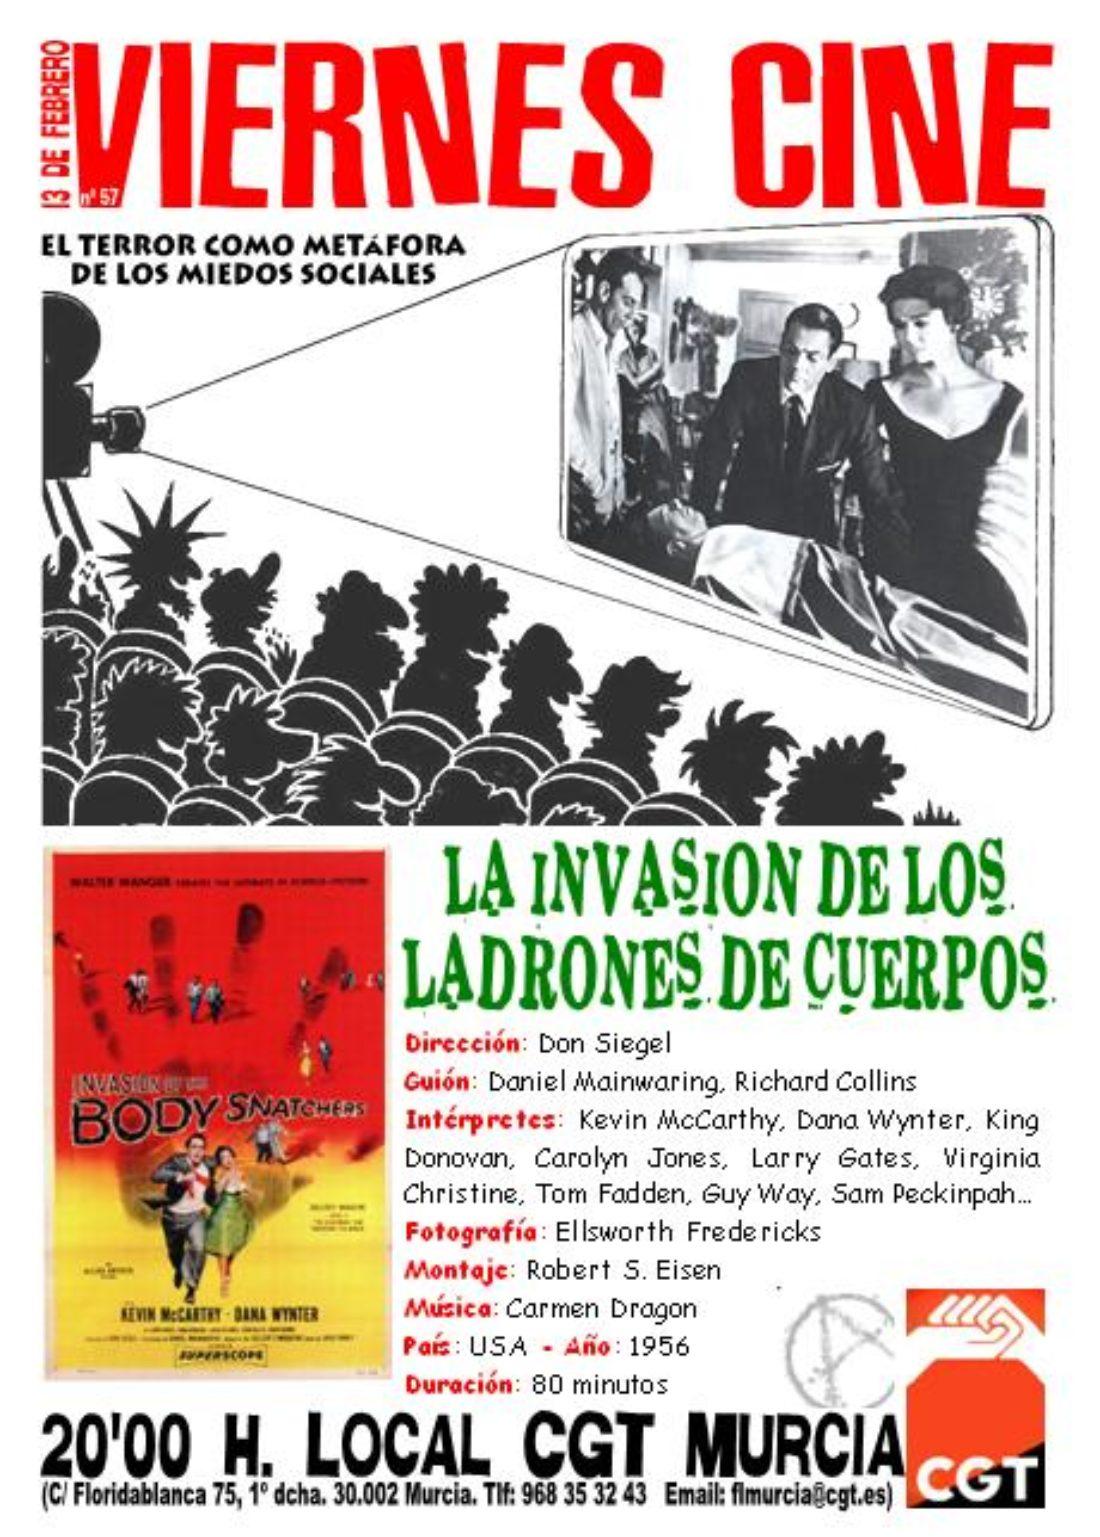 VIERNES CINE. El 13 de febrero LA INVASIÓN DE LOS LADRONES DE CUERPOS de Don Siegel a las 20'00 h. en el local de CGT en Murcia